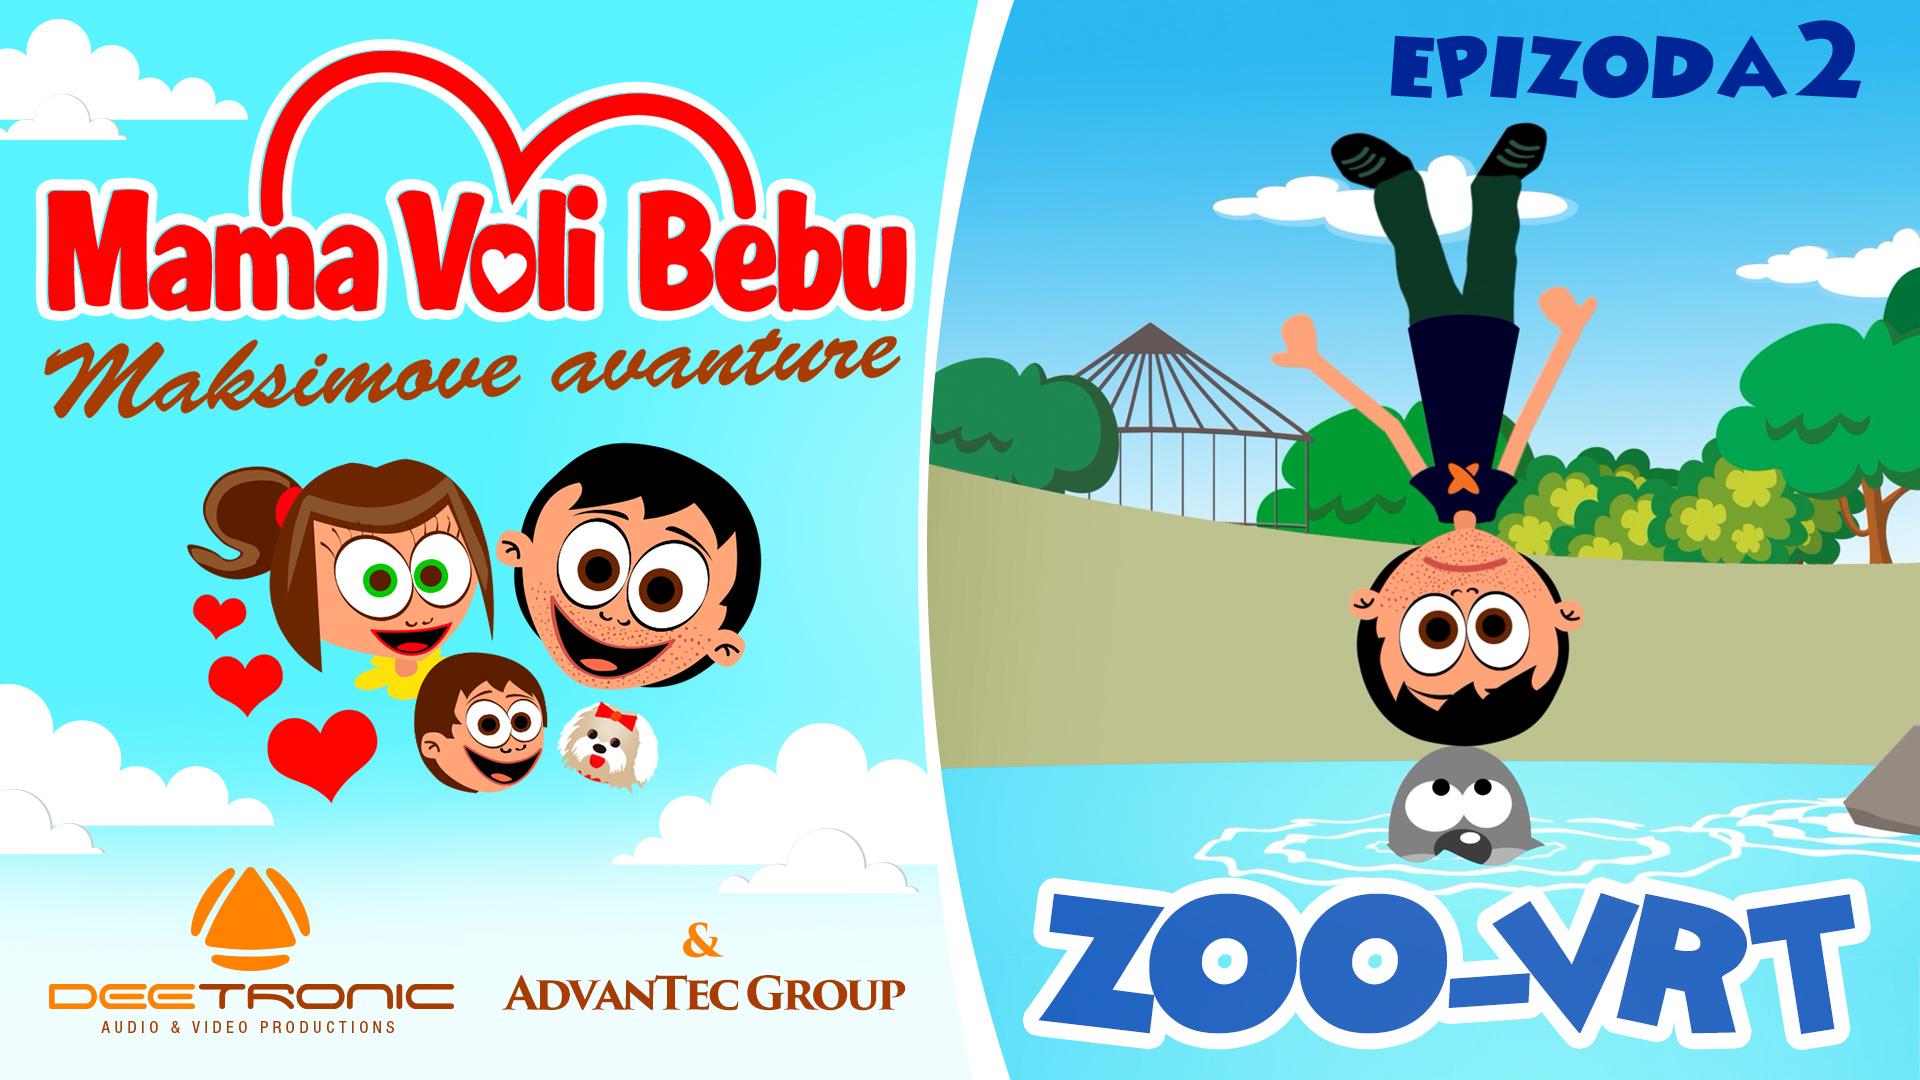 epizoda-2-zoo-vrt-yt